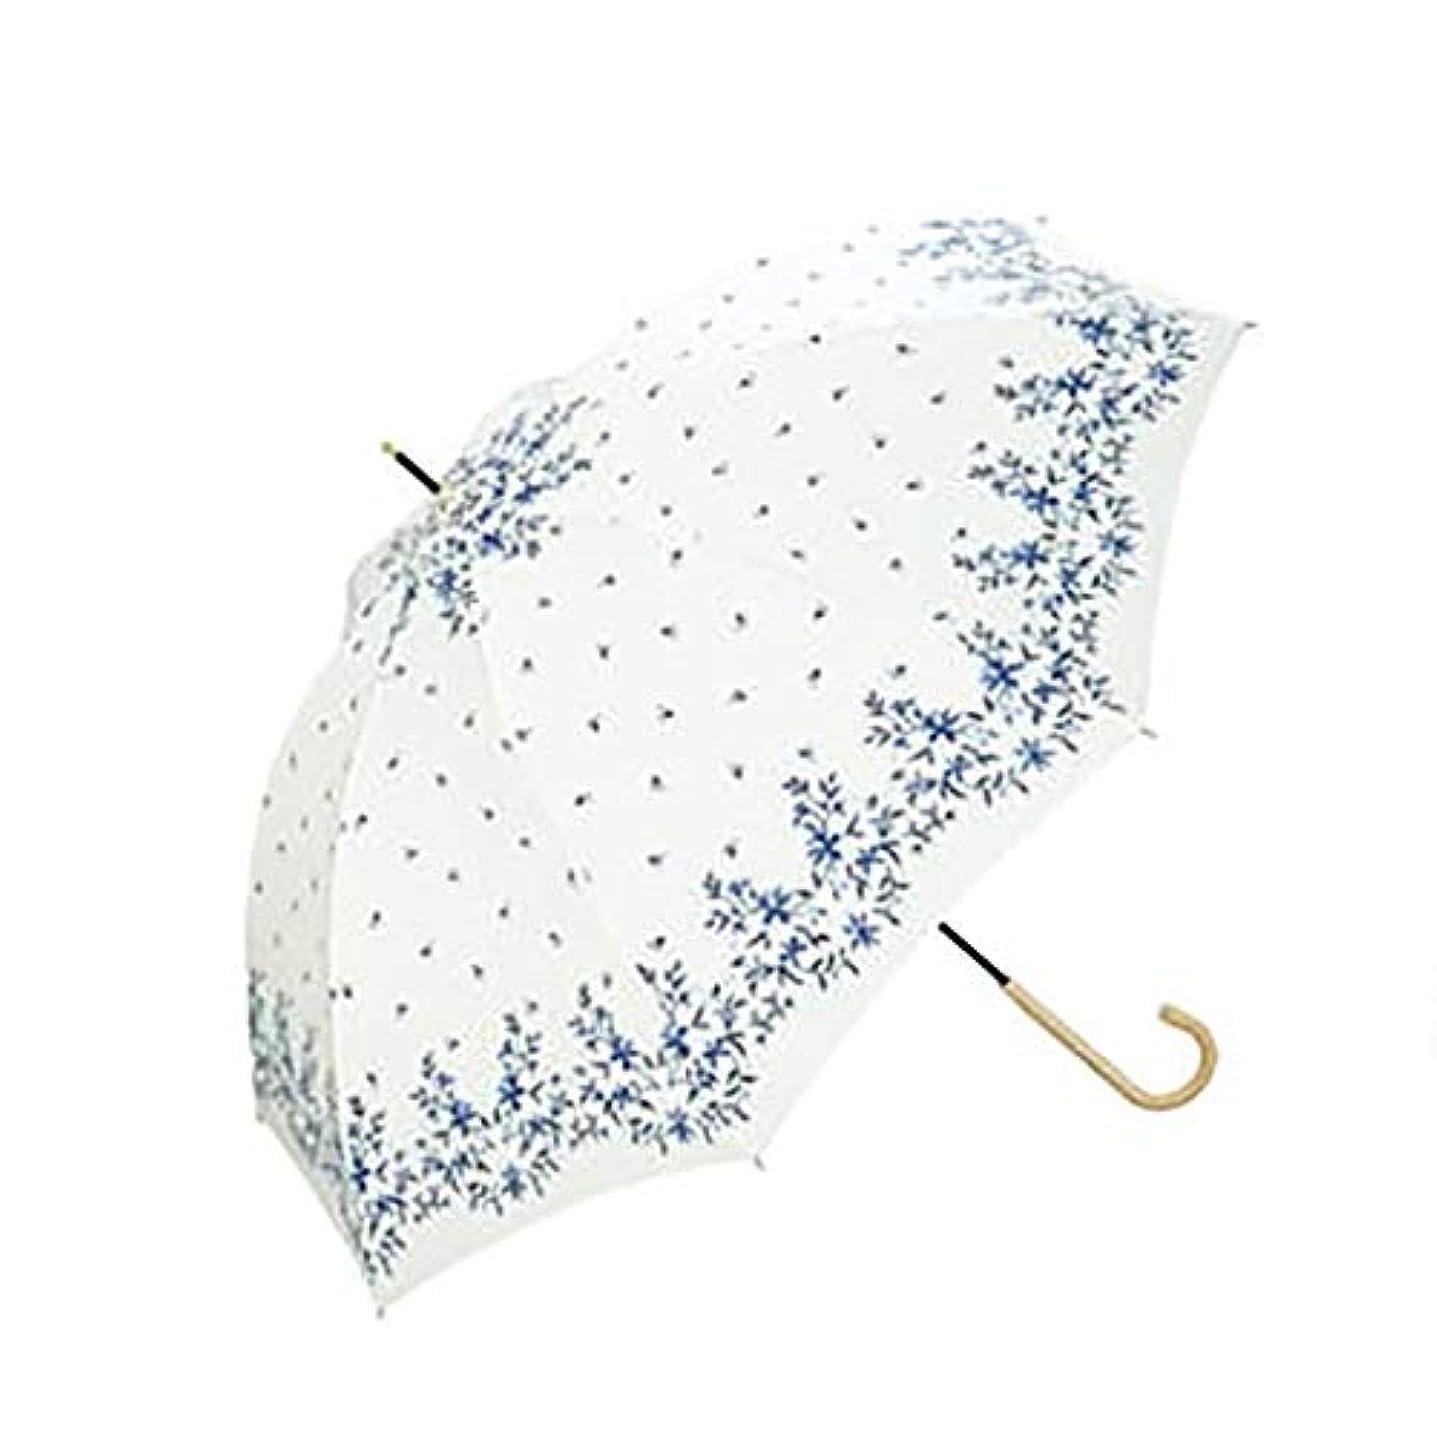 世辞スタウト欠席刺繍優雅で優雅な雨および日曜日二重使用日焼け止めロングハンドル日傘長いハンドル傘ライト日傘 (色 : B)